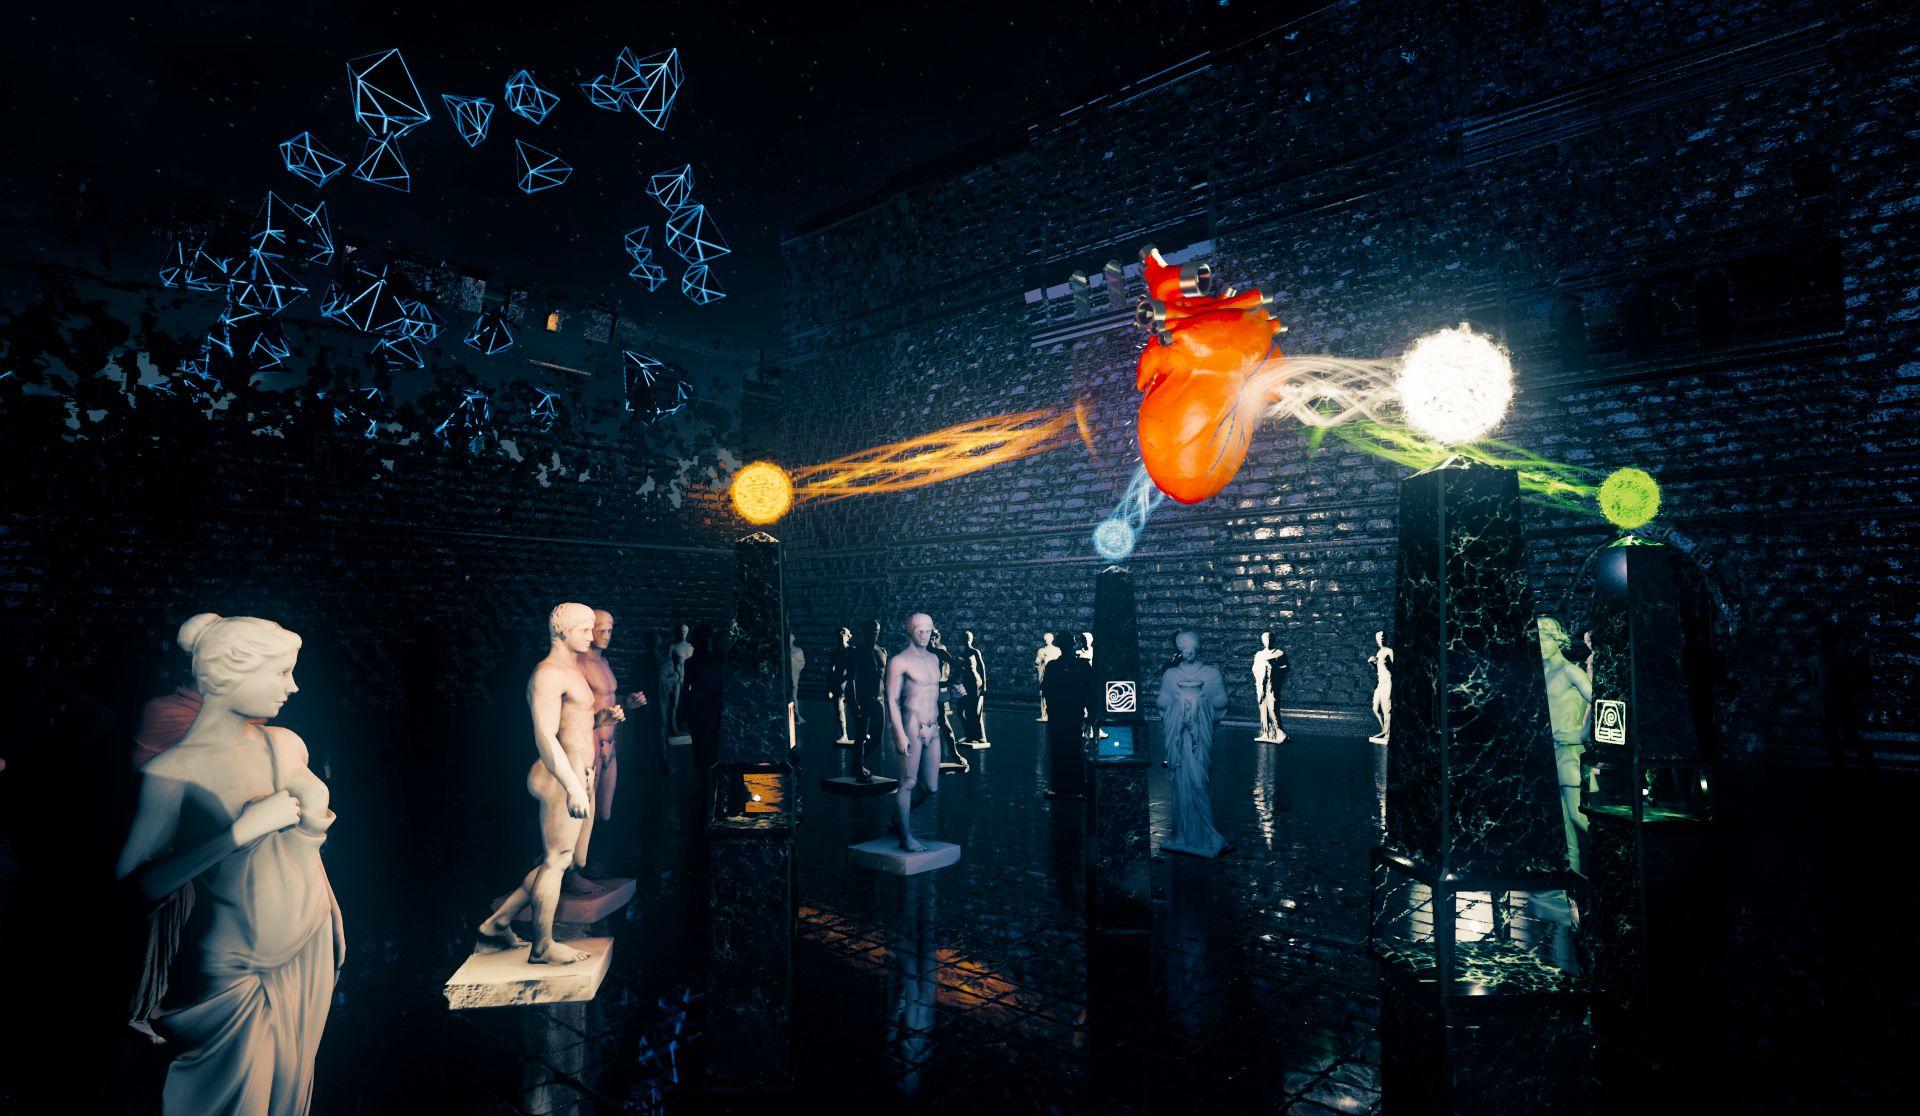 Иммерсивная выставка в виртуальном пространстве «Я» фото 2